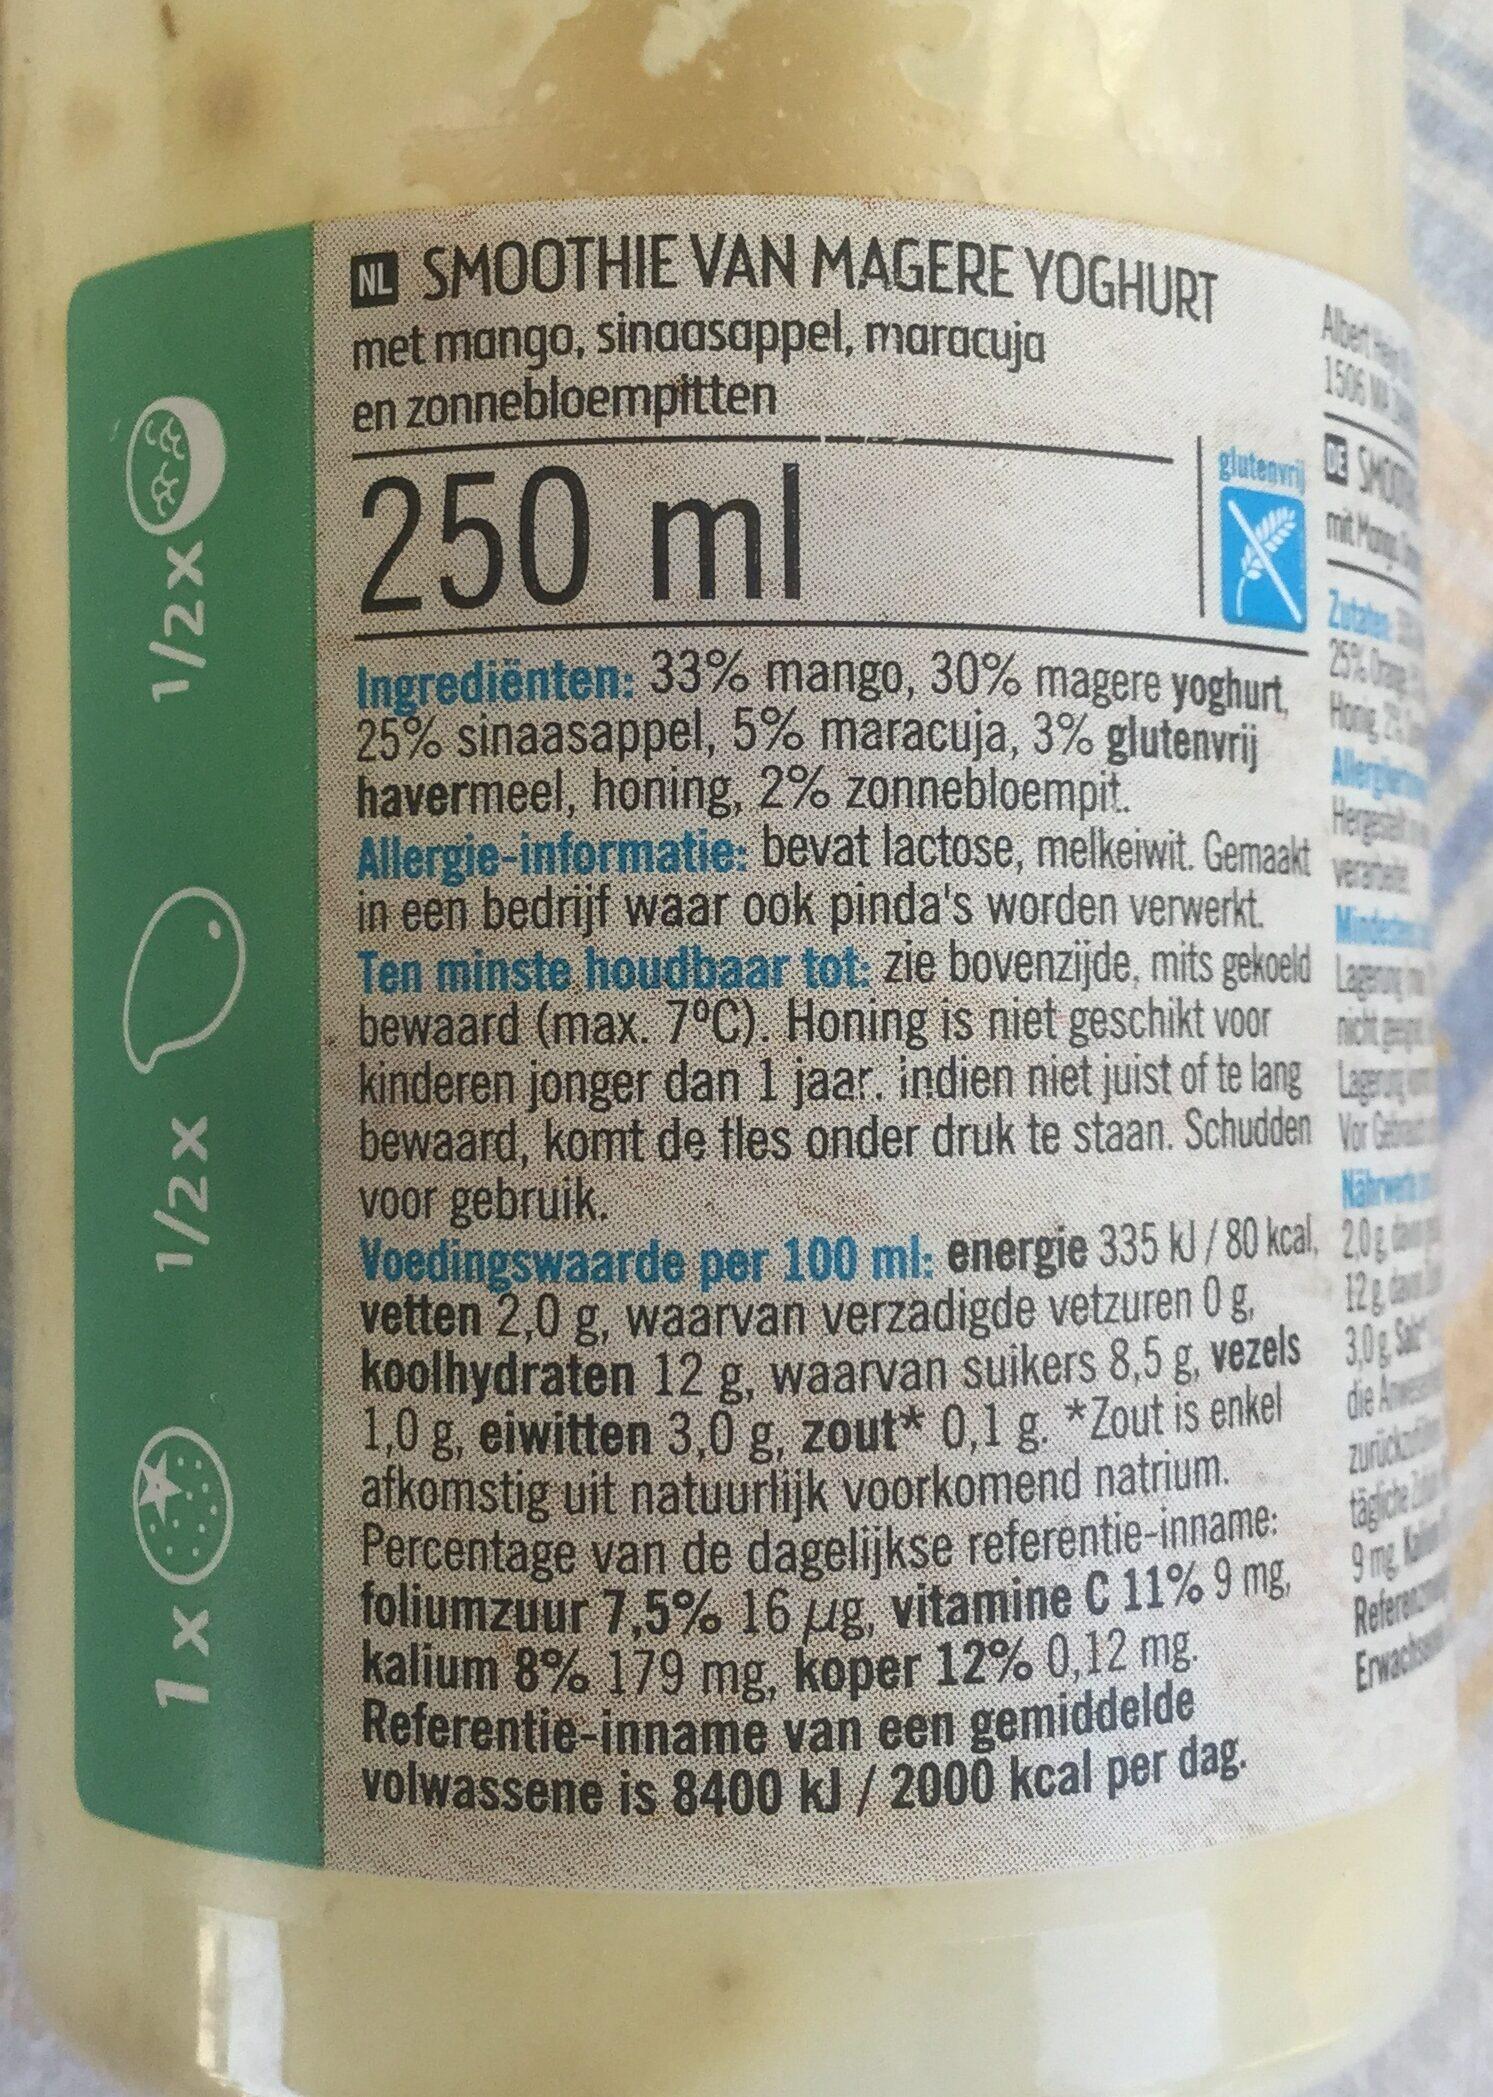 Smoothie van magere yoghurt - Product - nl